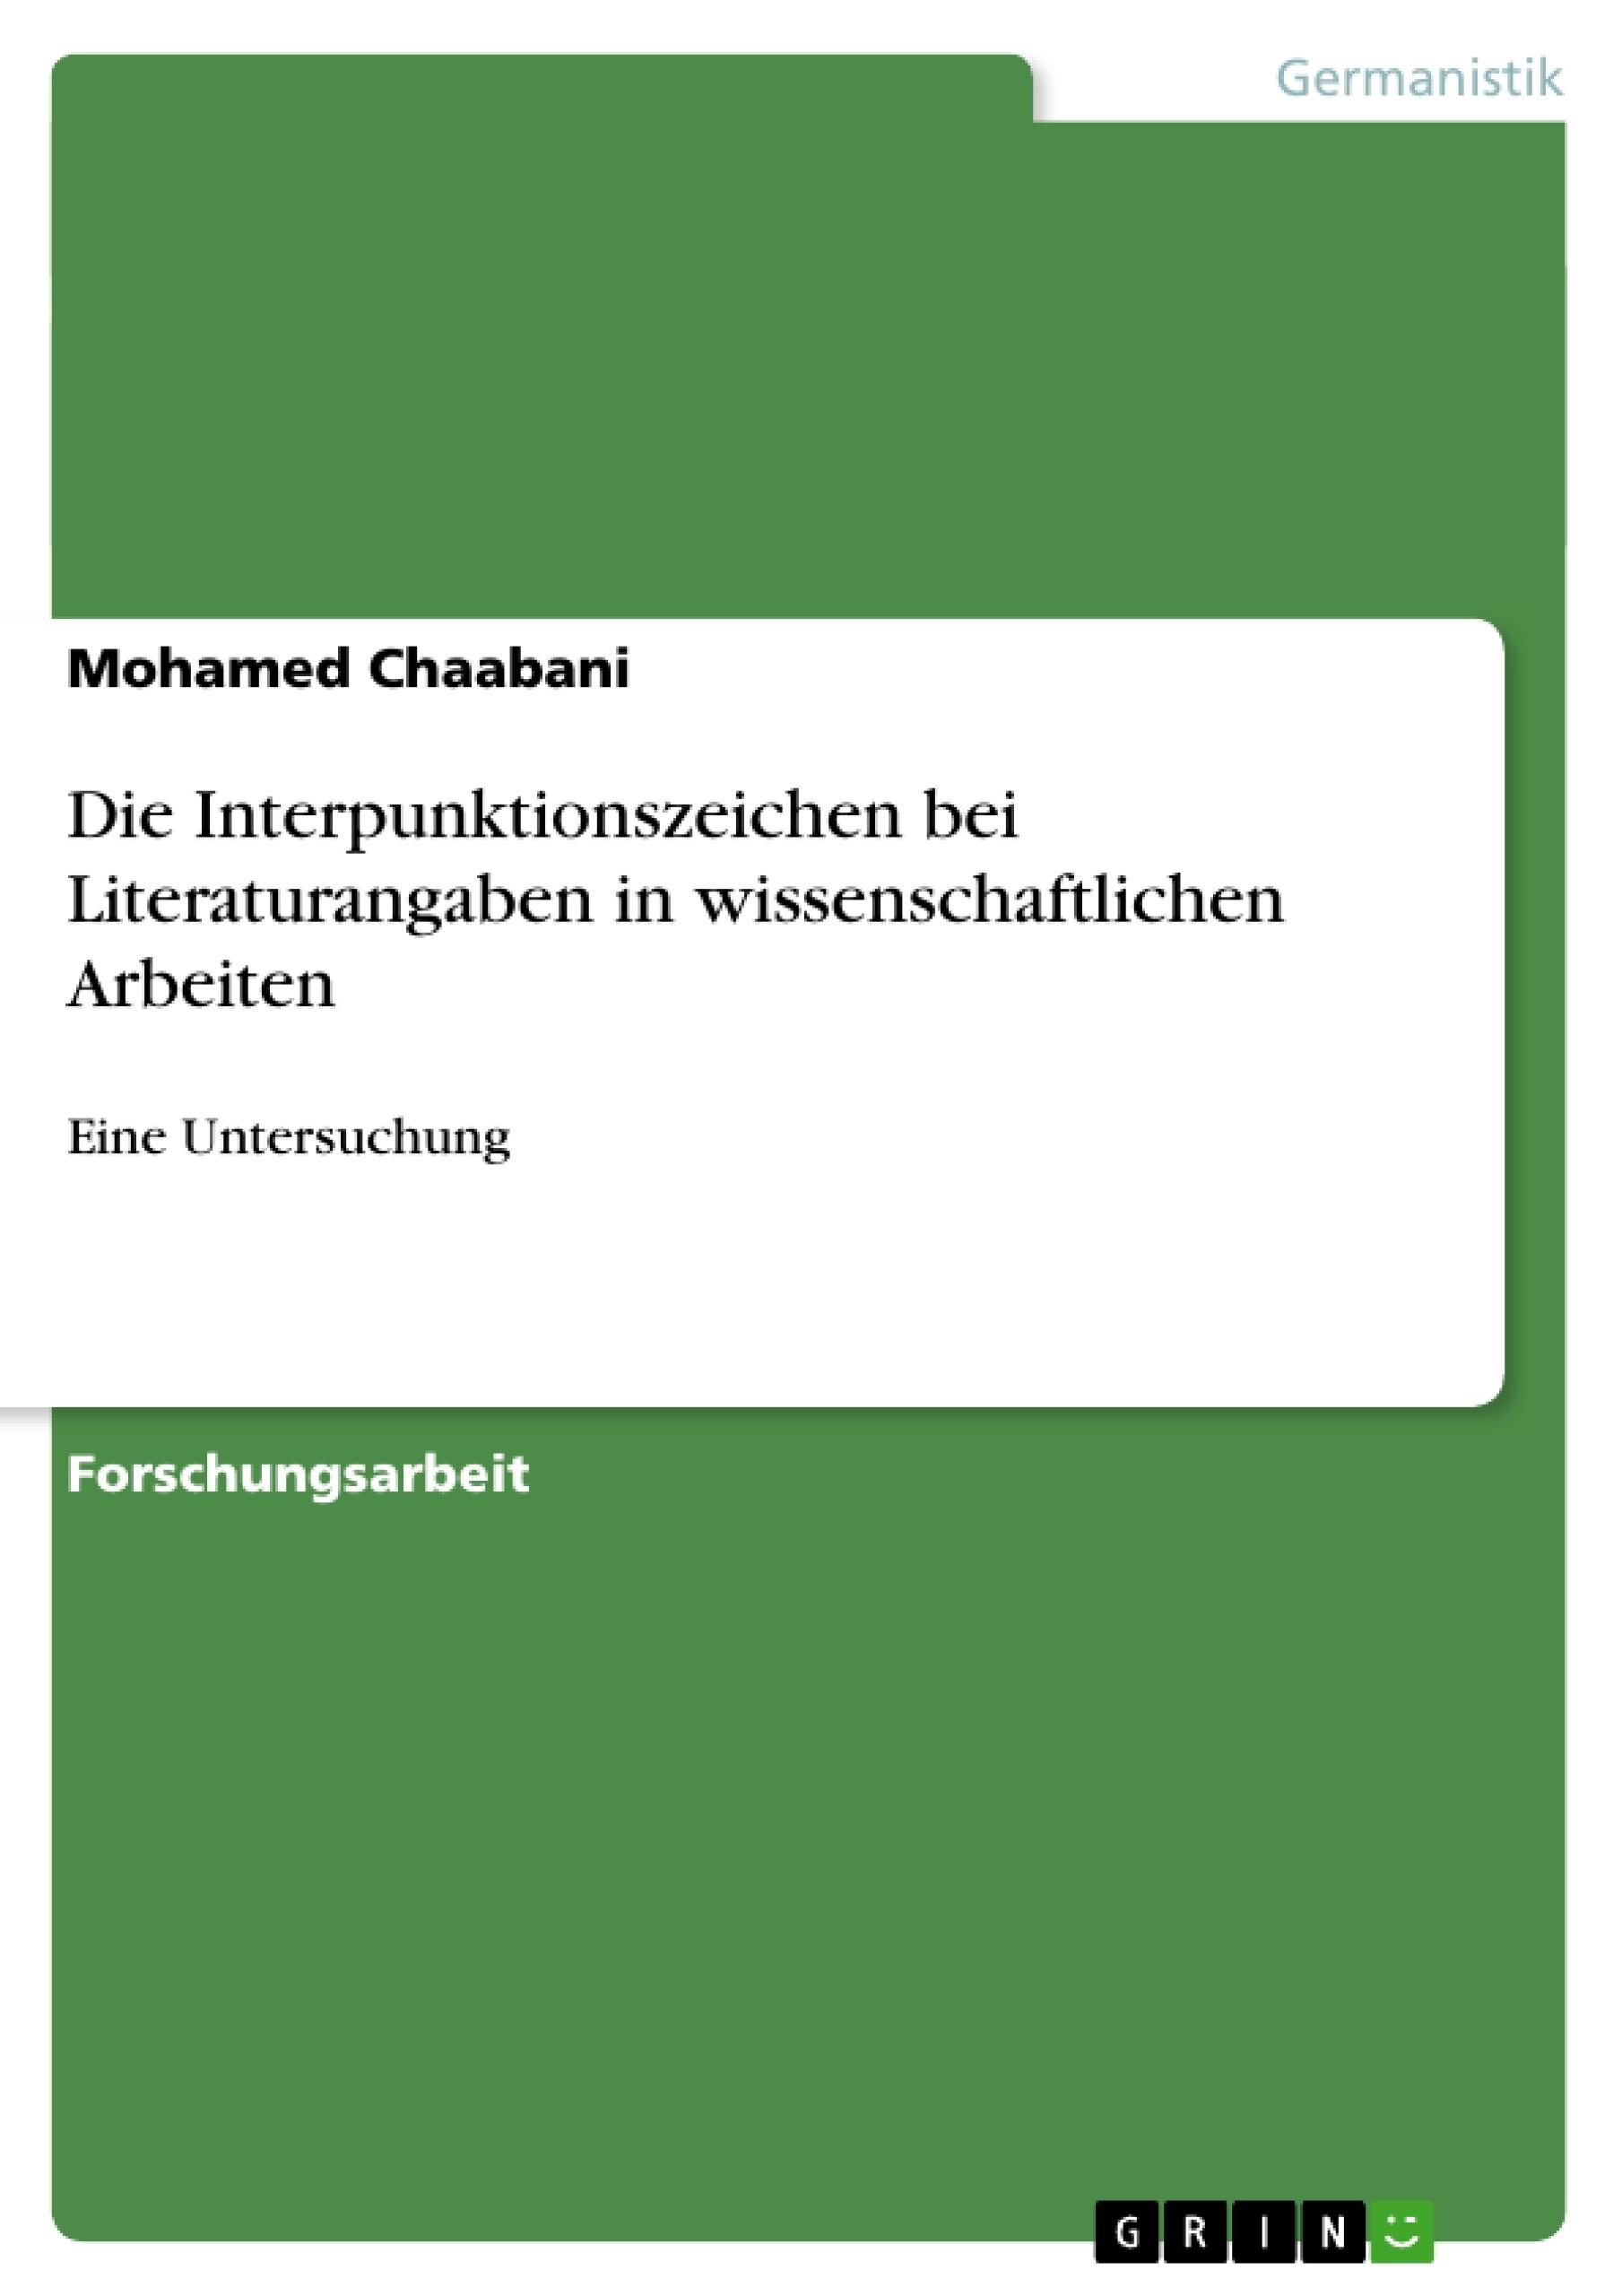 Titel: Die Interpunktionszeichen bei Literaturangaben in wissenschaftlichen Arbeiten